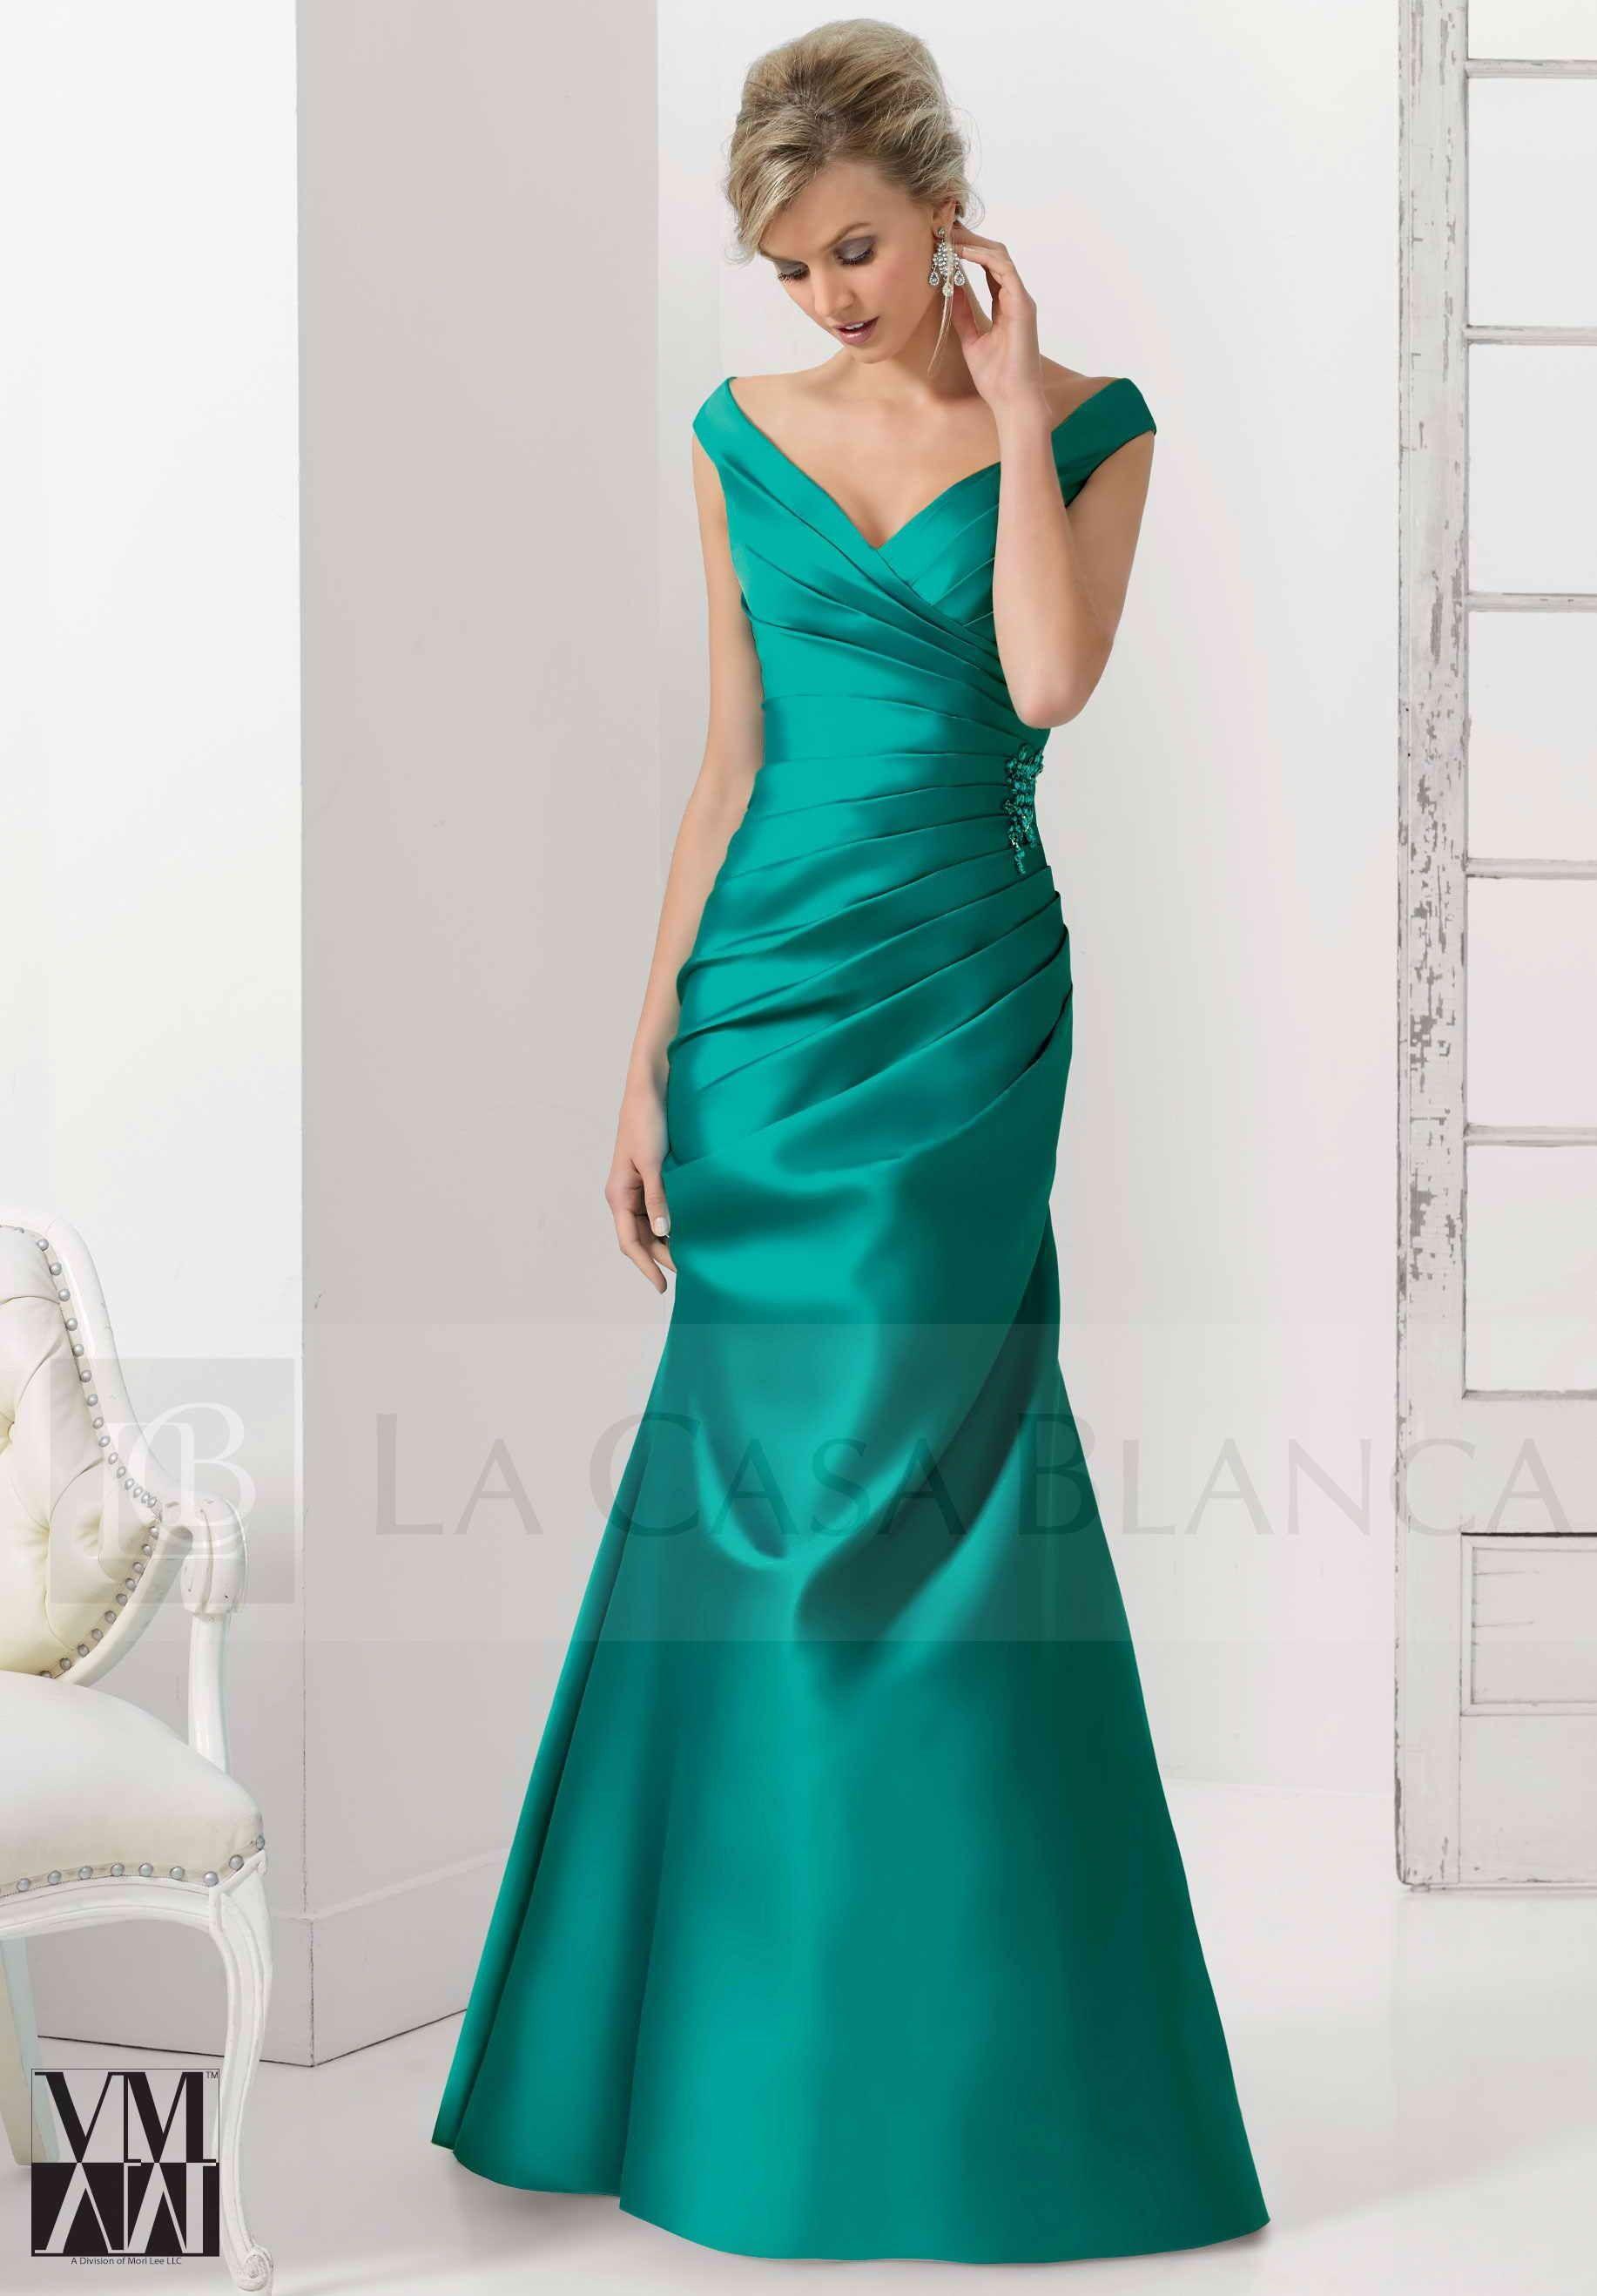 fe719c7f6 Vestido de Mori Lee ideal para las damas de honor en raso satinado.  Chile   Novias  Wedding  Love  Marriage  LCB  Vestido  Dress  Sueño  Vsco  Vscocam  ...